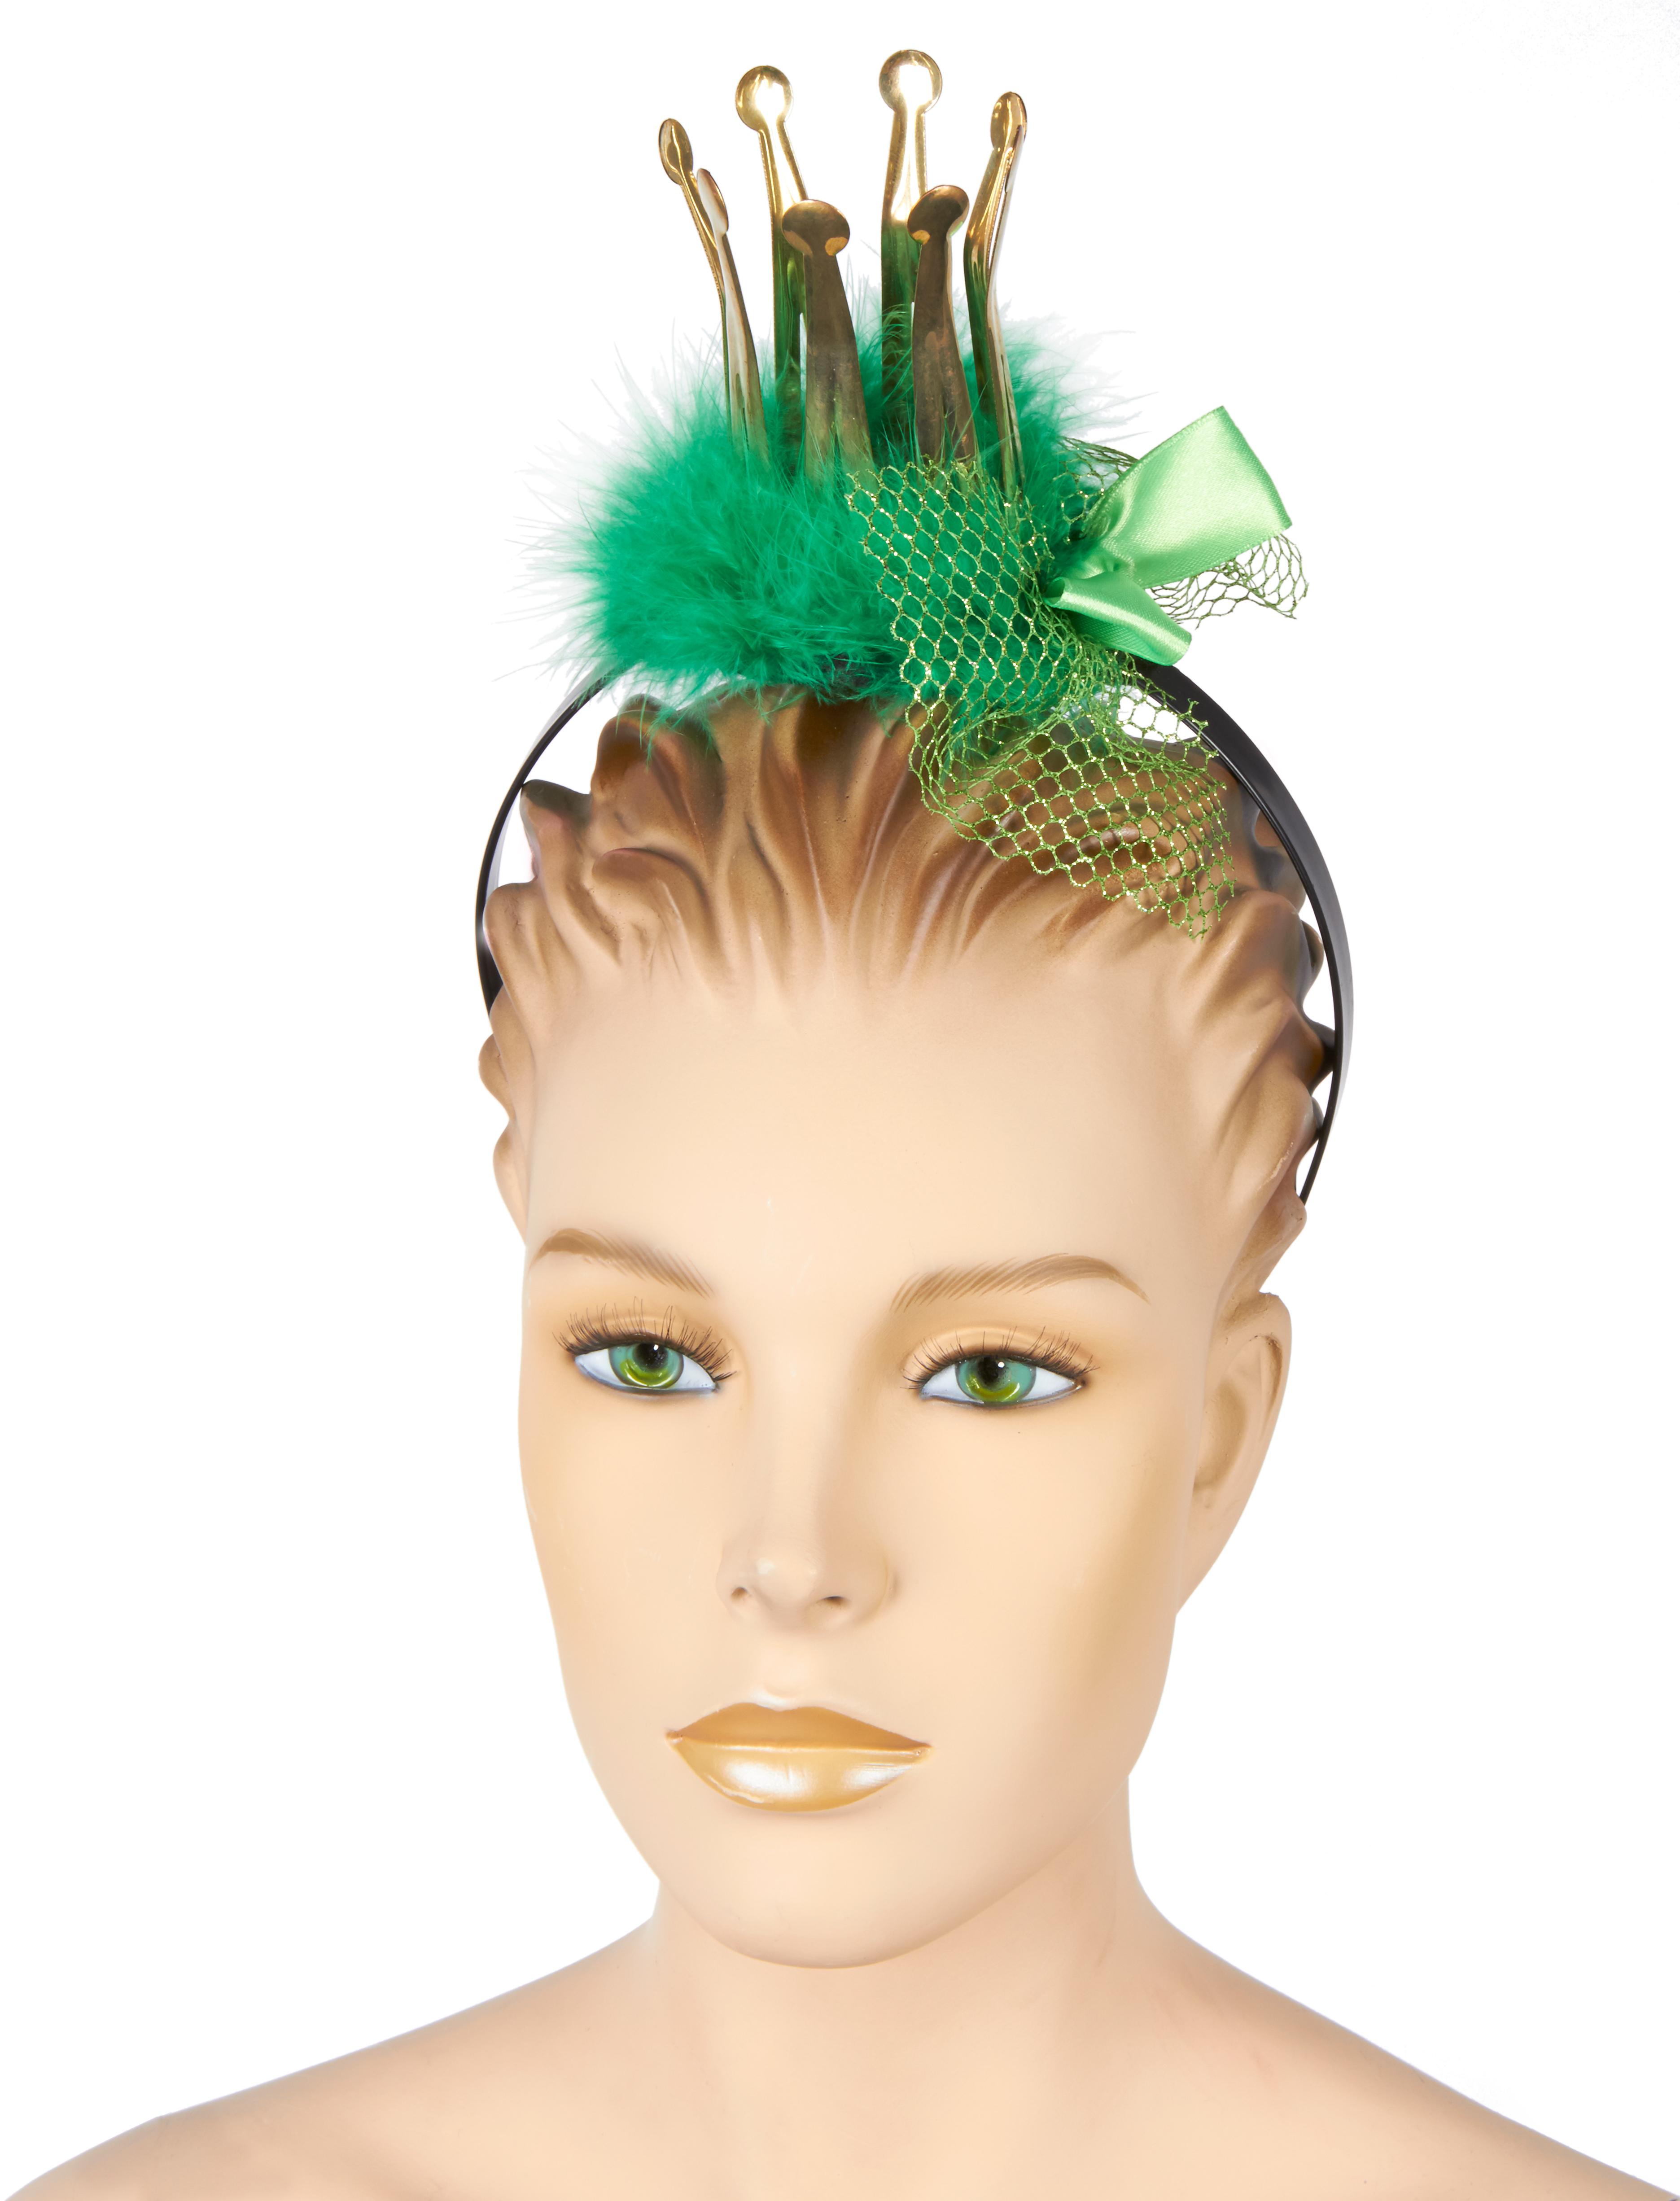 Kostuemzubehor Haarreif mit Mini Krone gruen